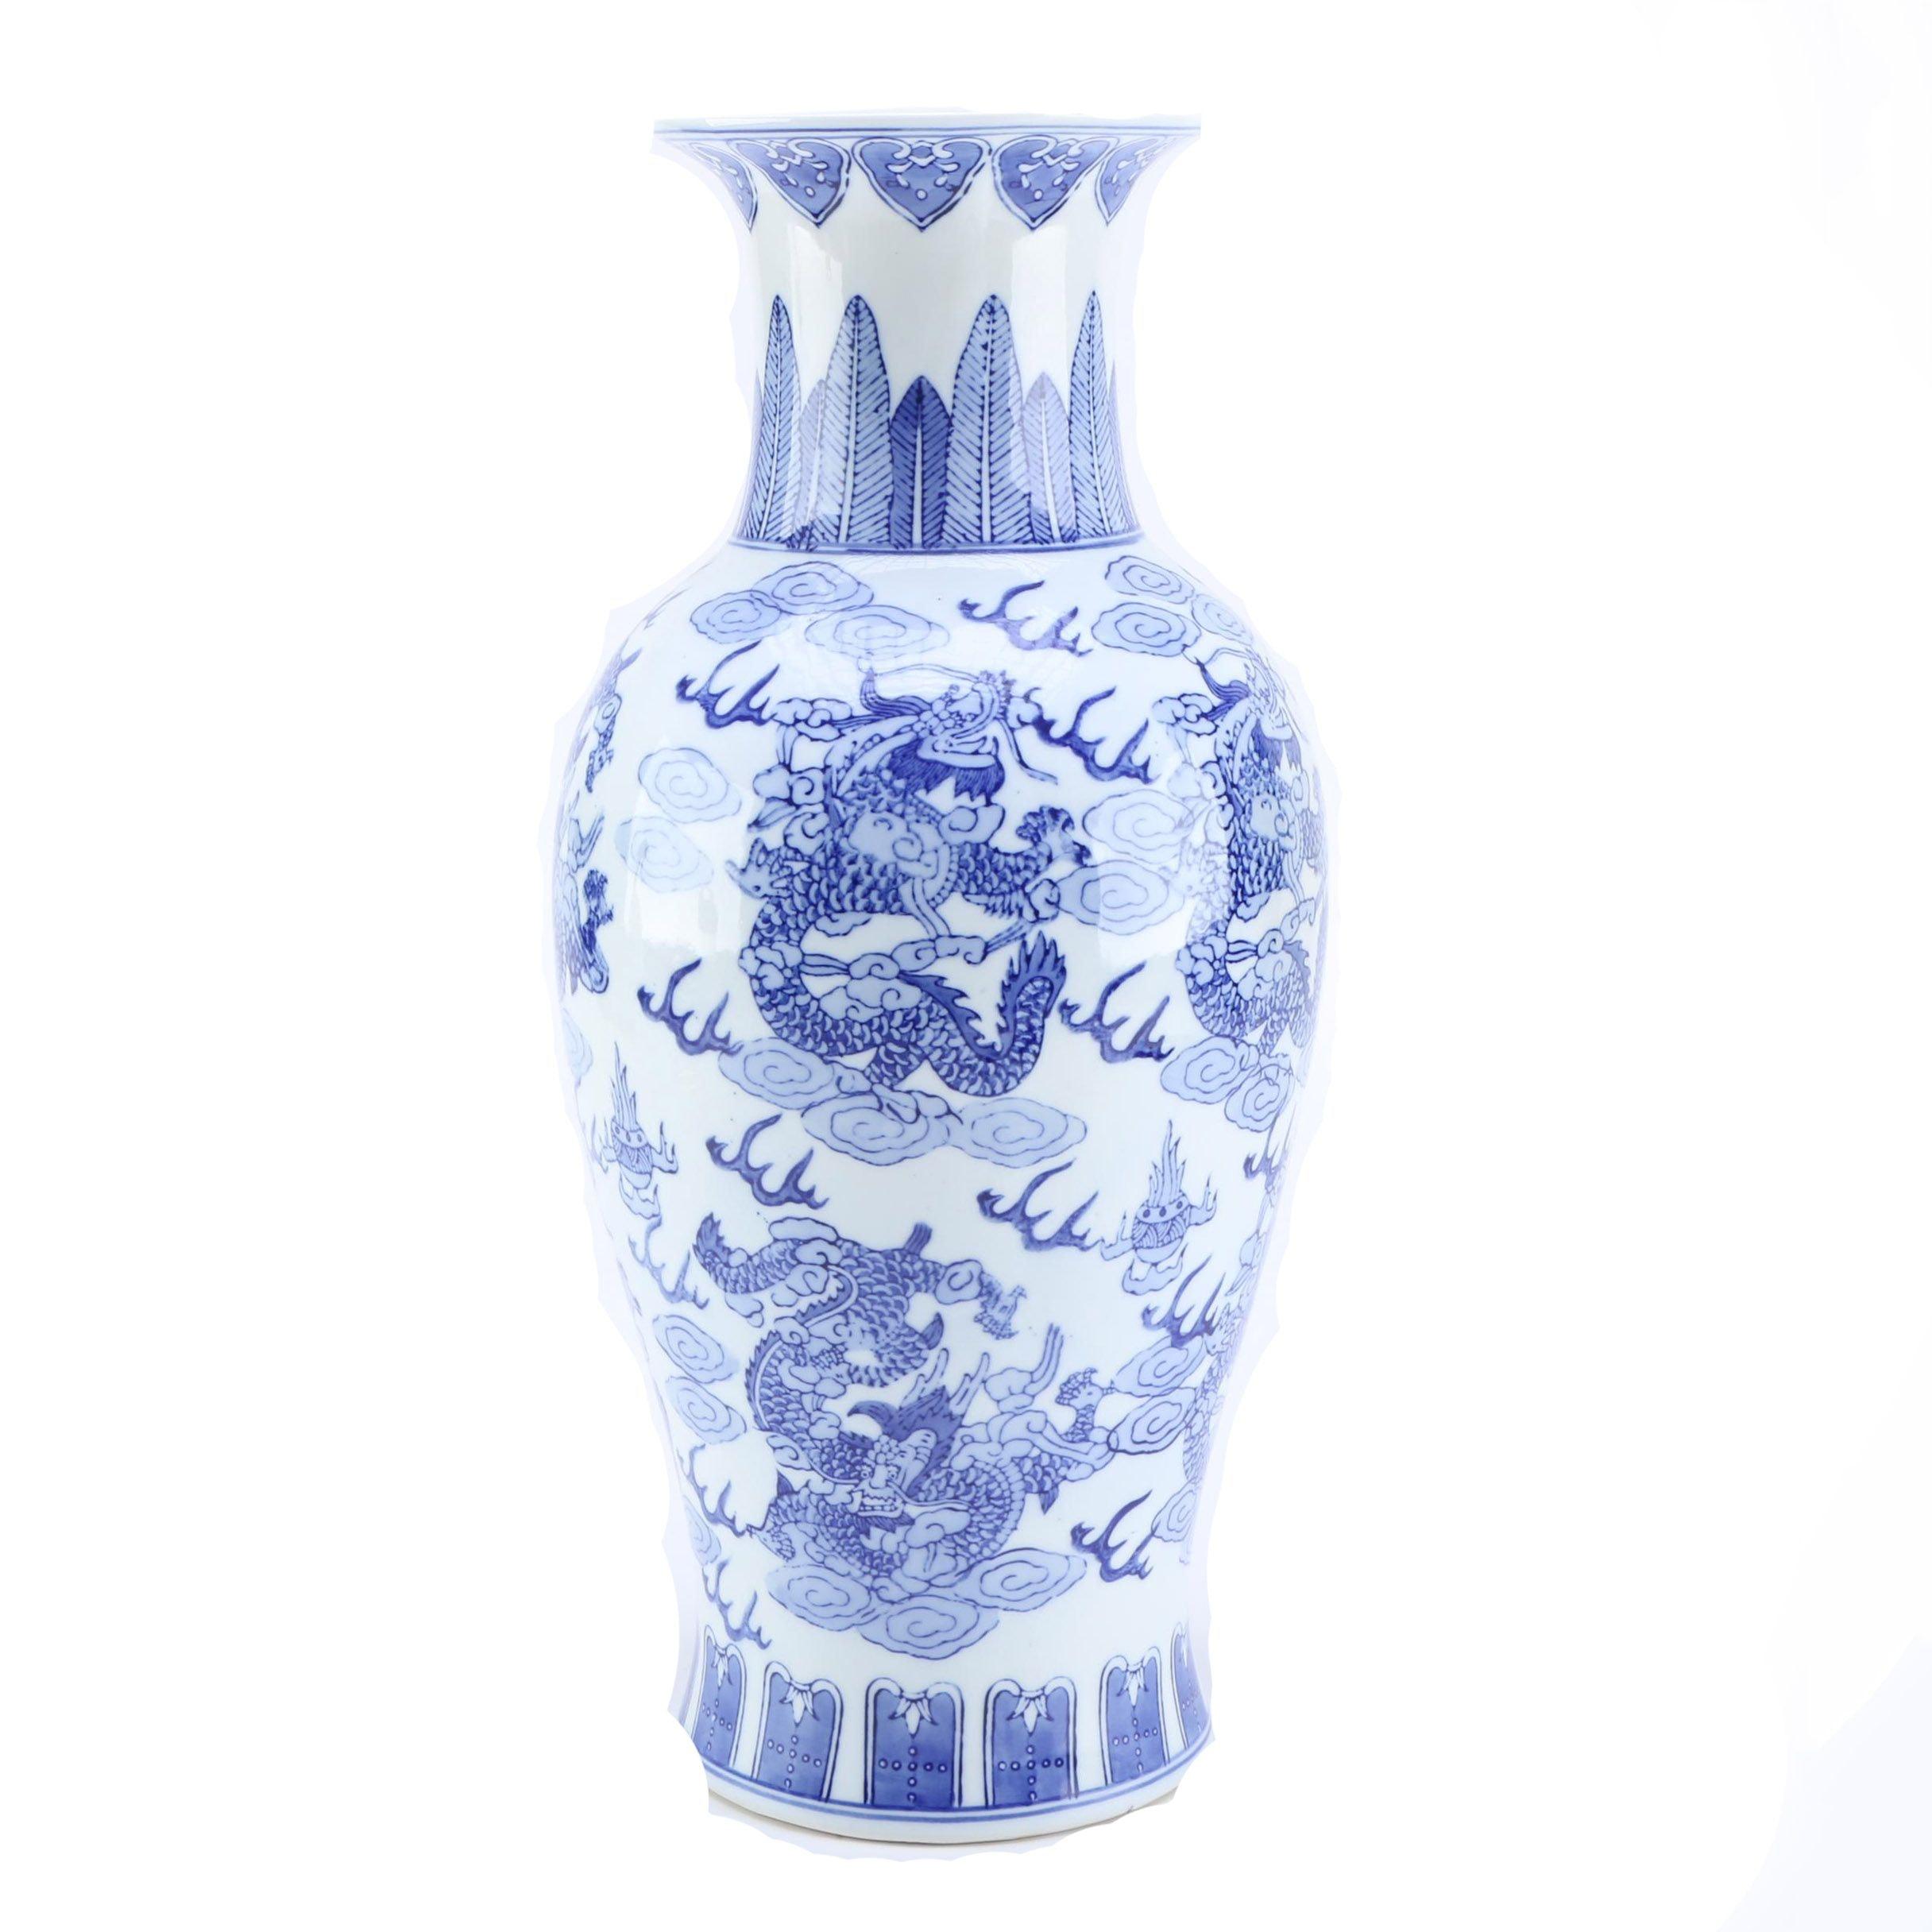 Large Semi-Porcelain Chinese Inspired Vase